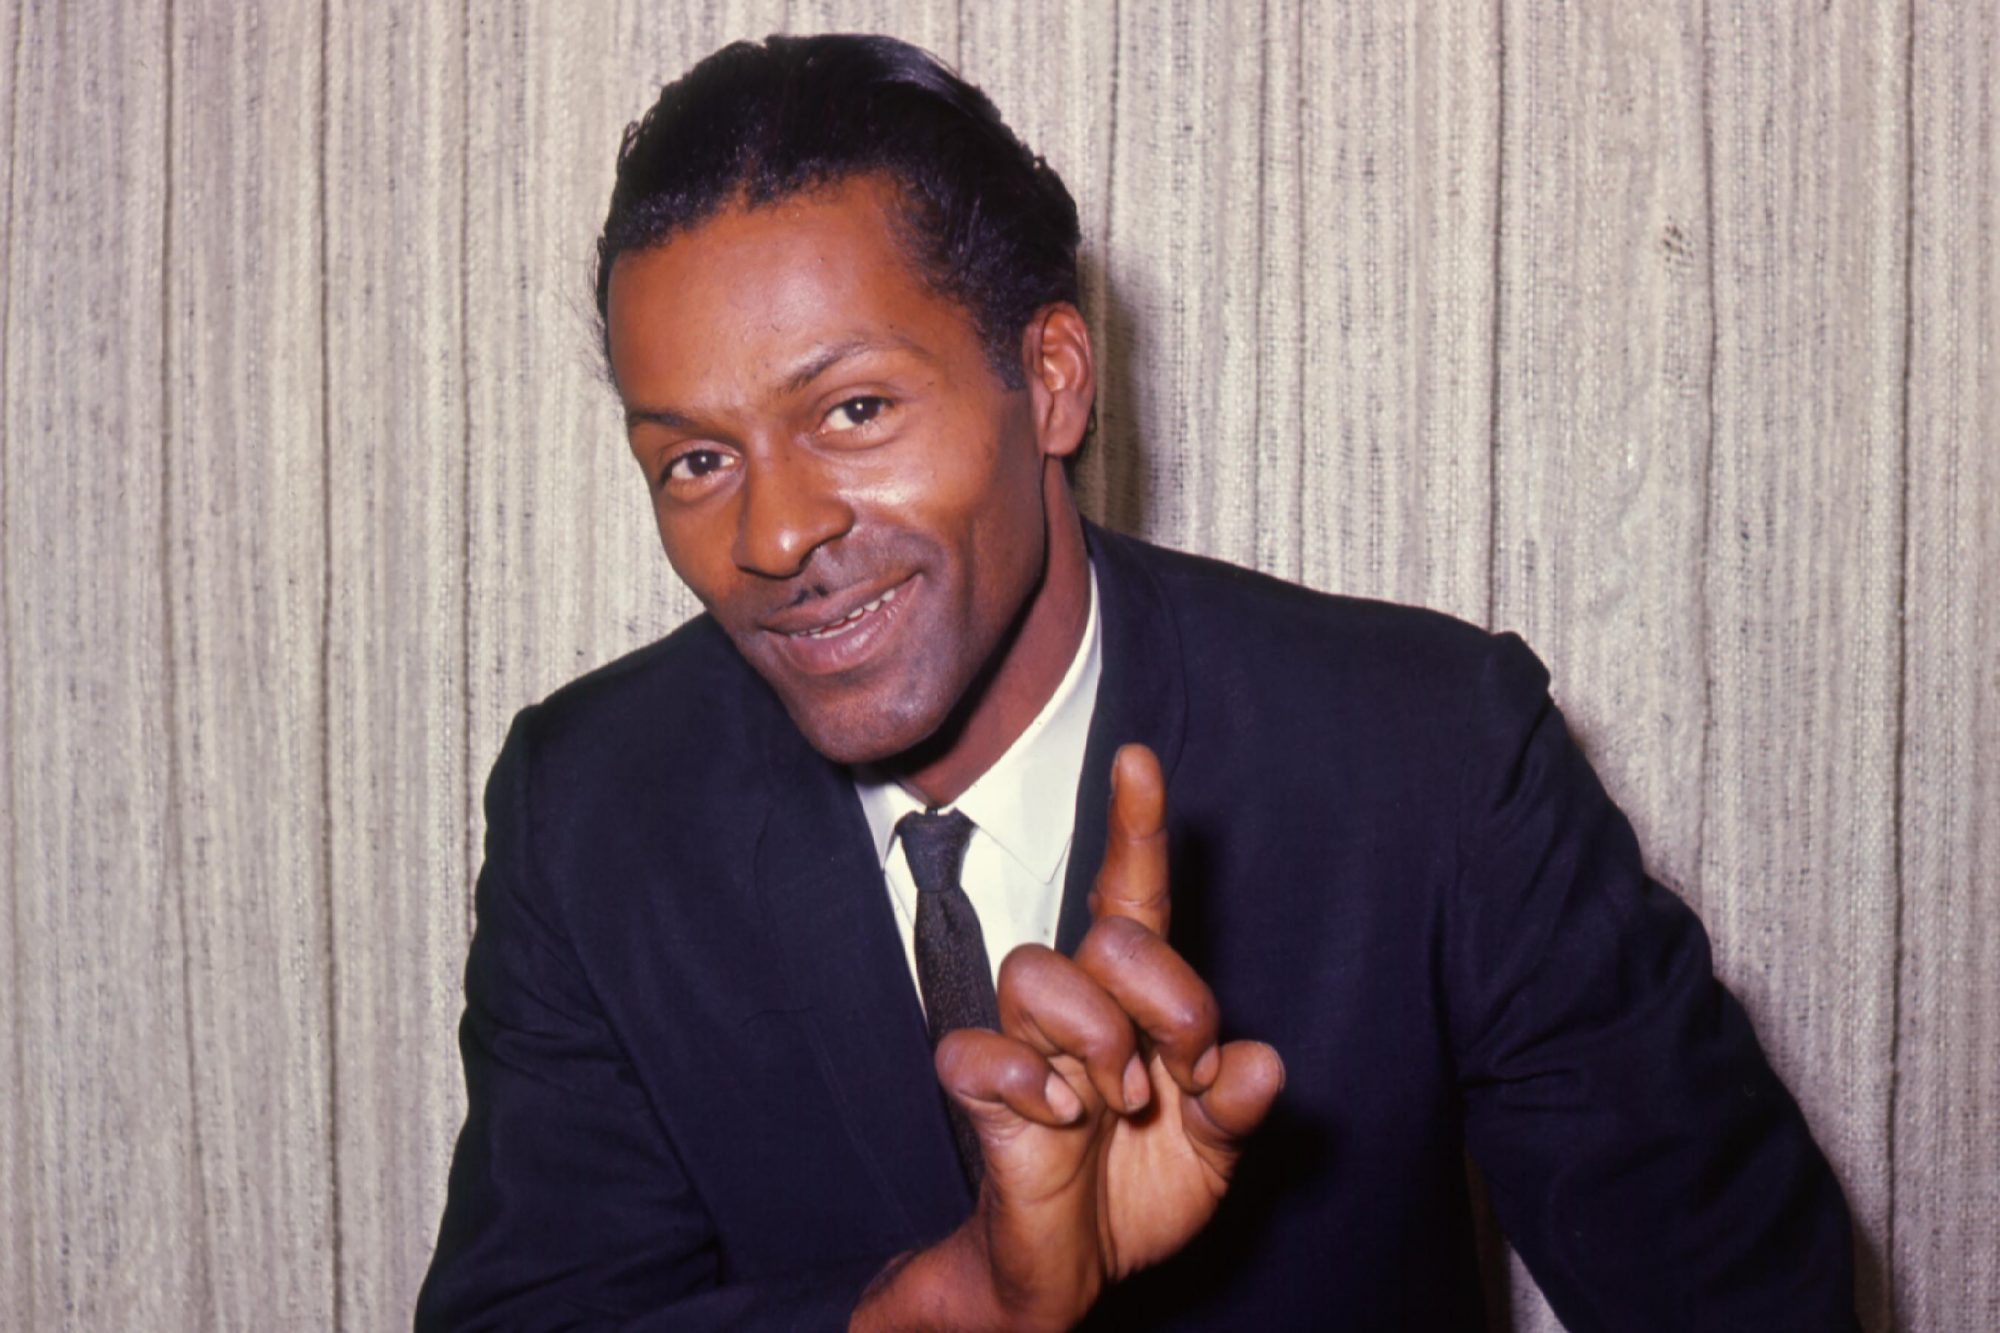 Chuck Berry Portrait Session